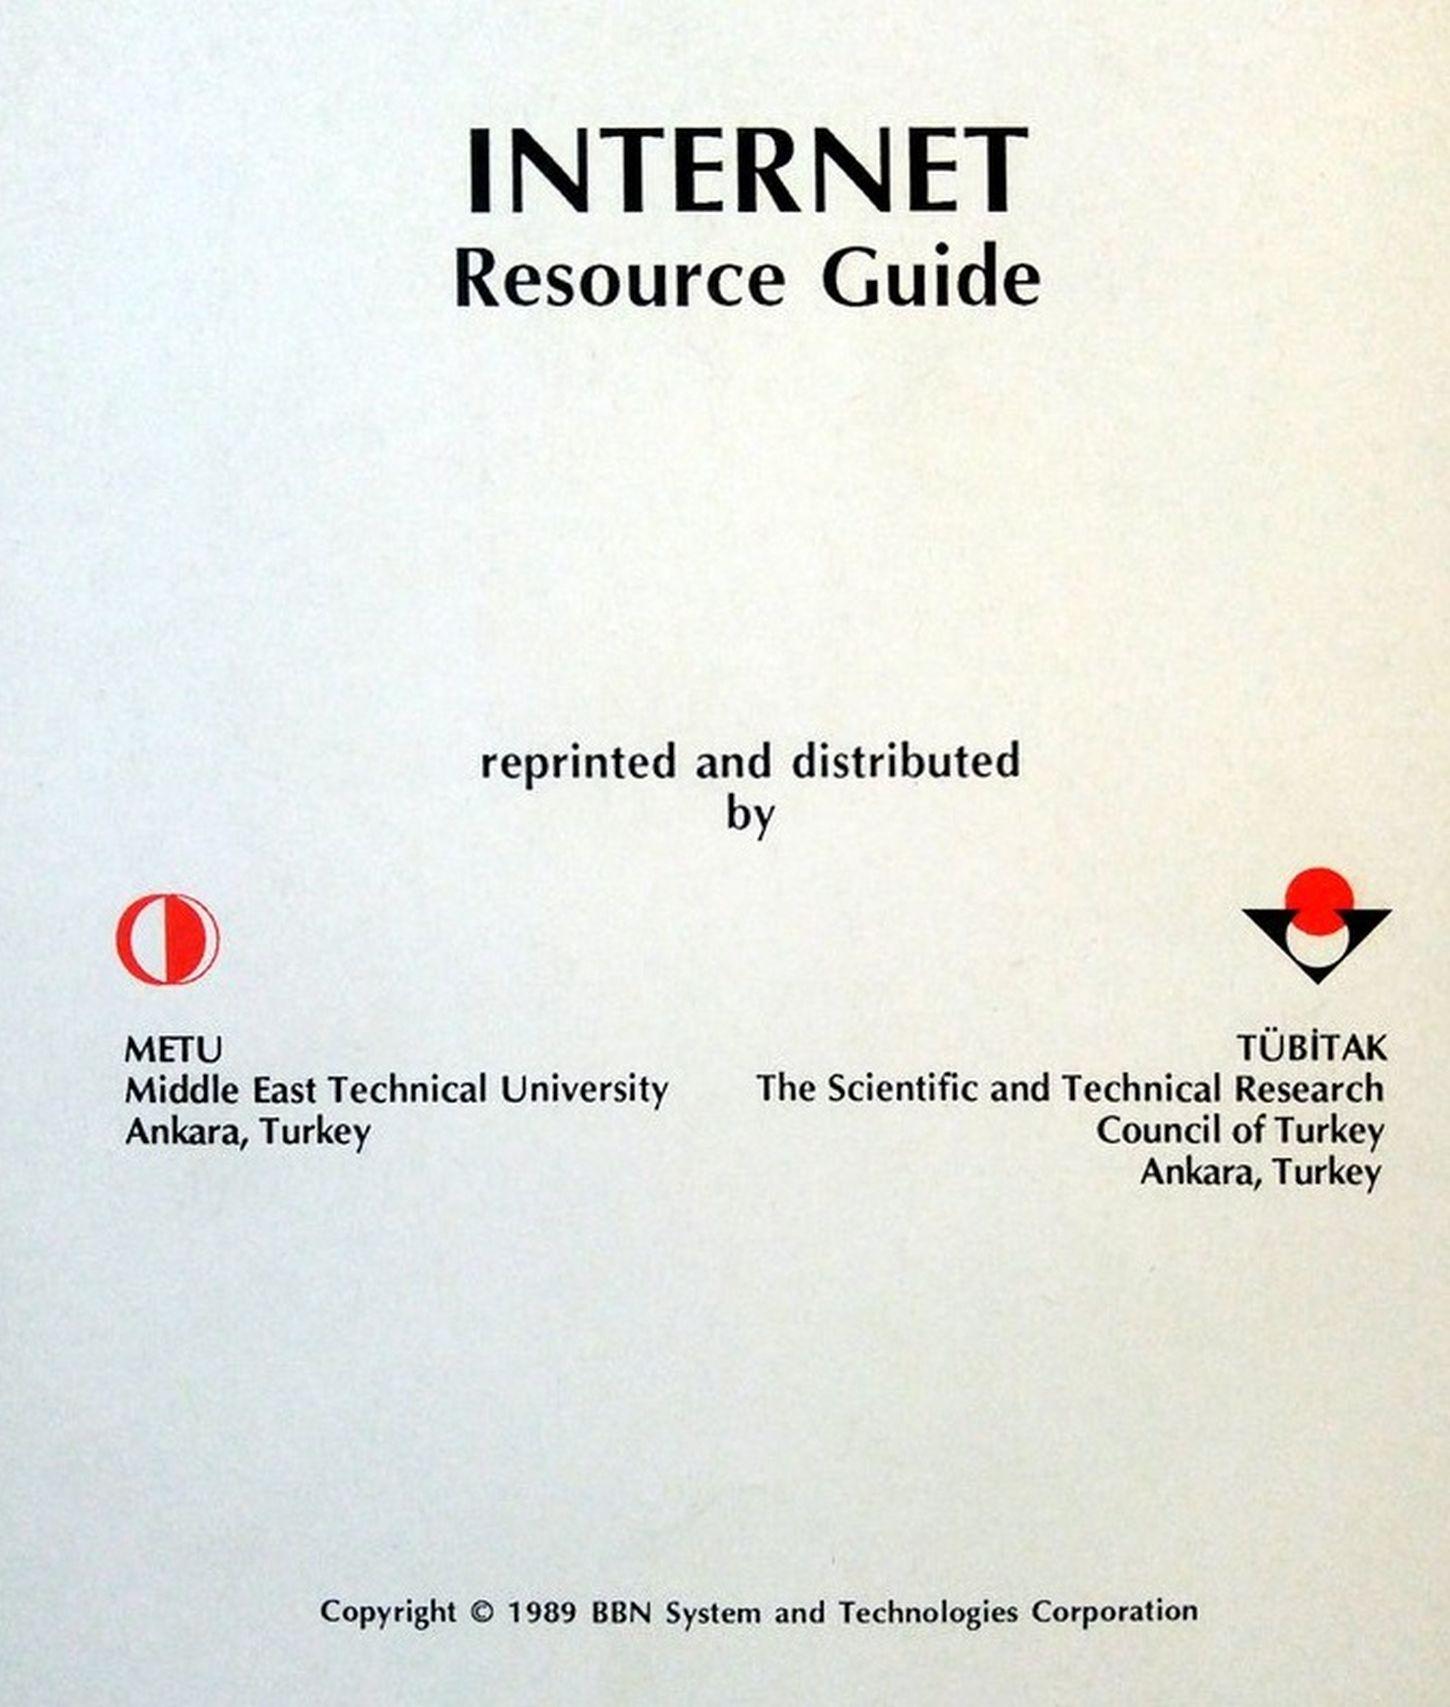 internet-ulkemize-ne-zaman-geldi-turkiyede-internet-25-yasinda (2)